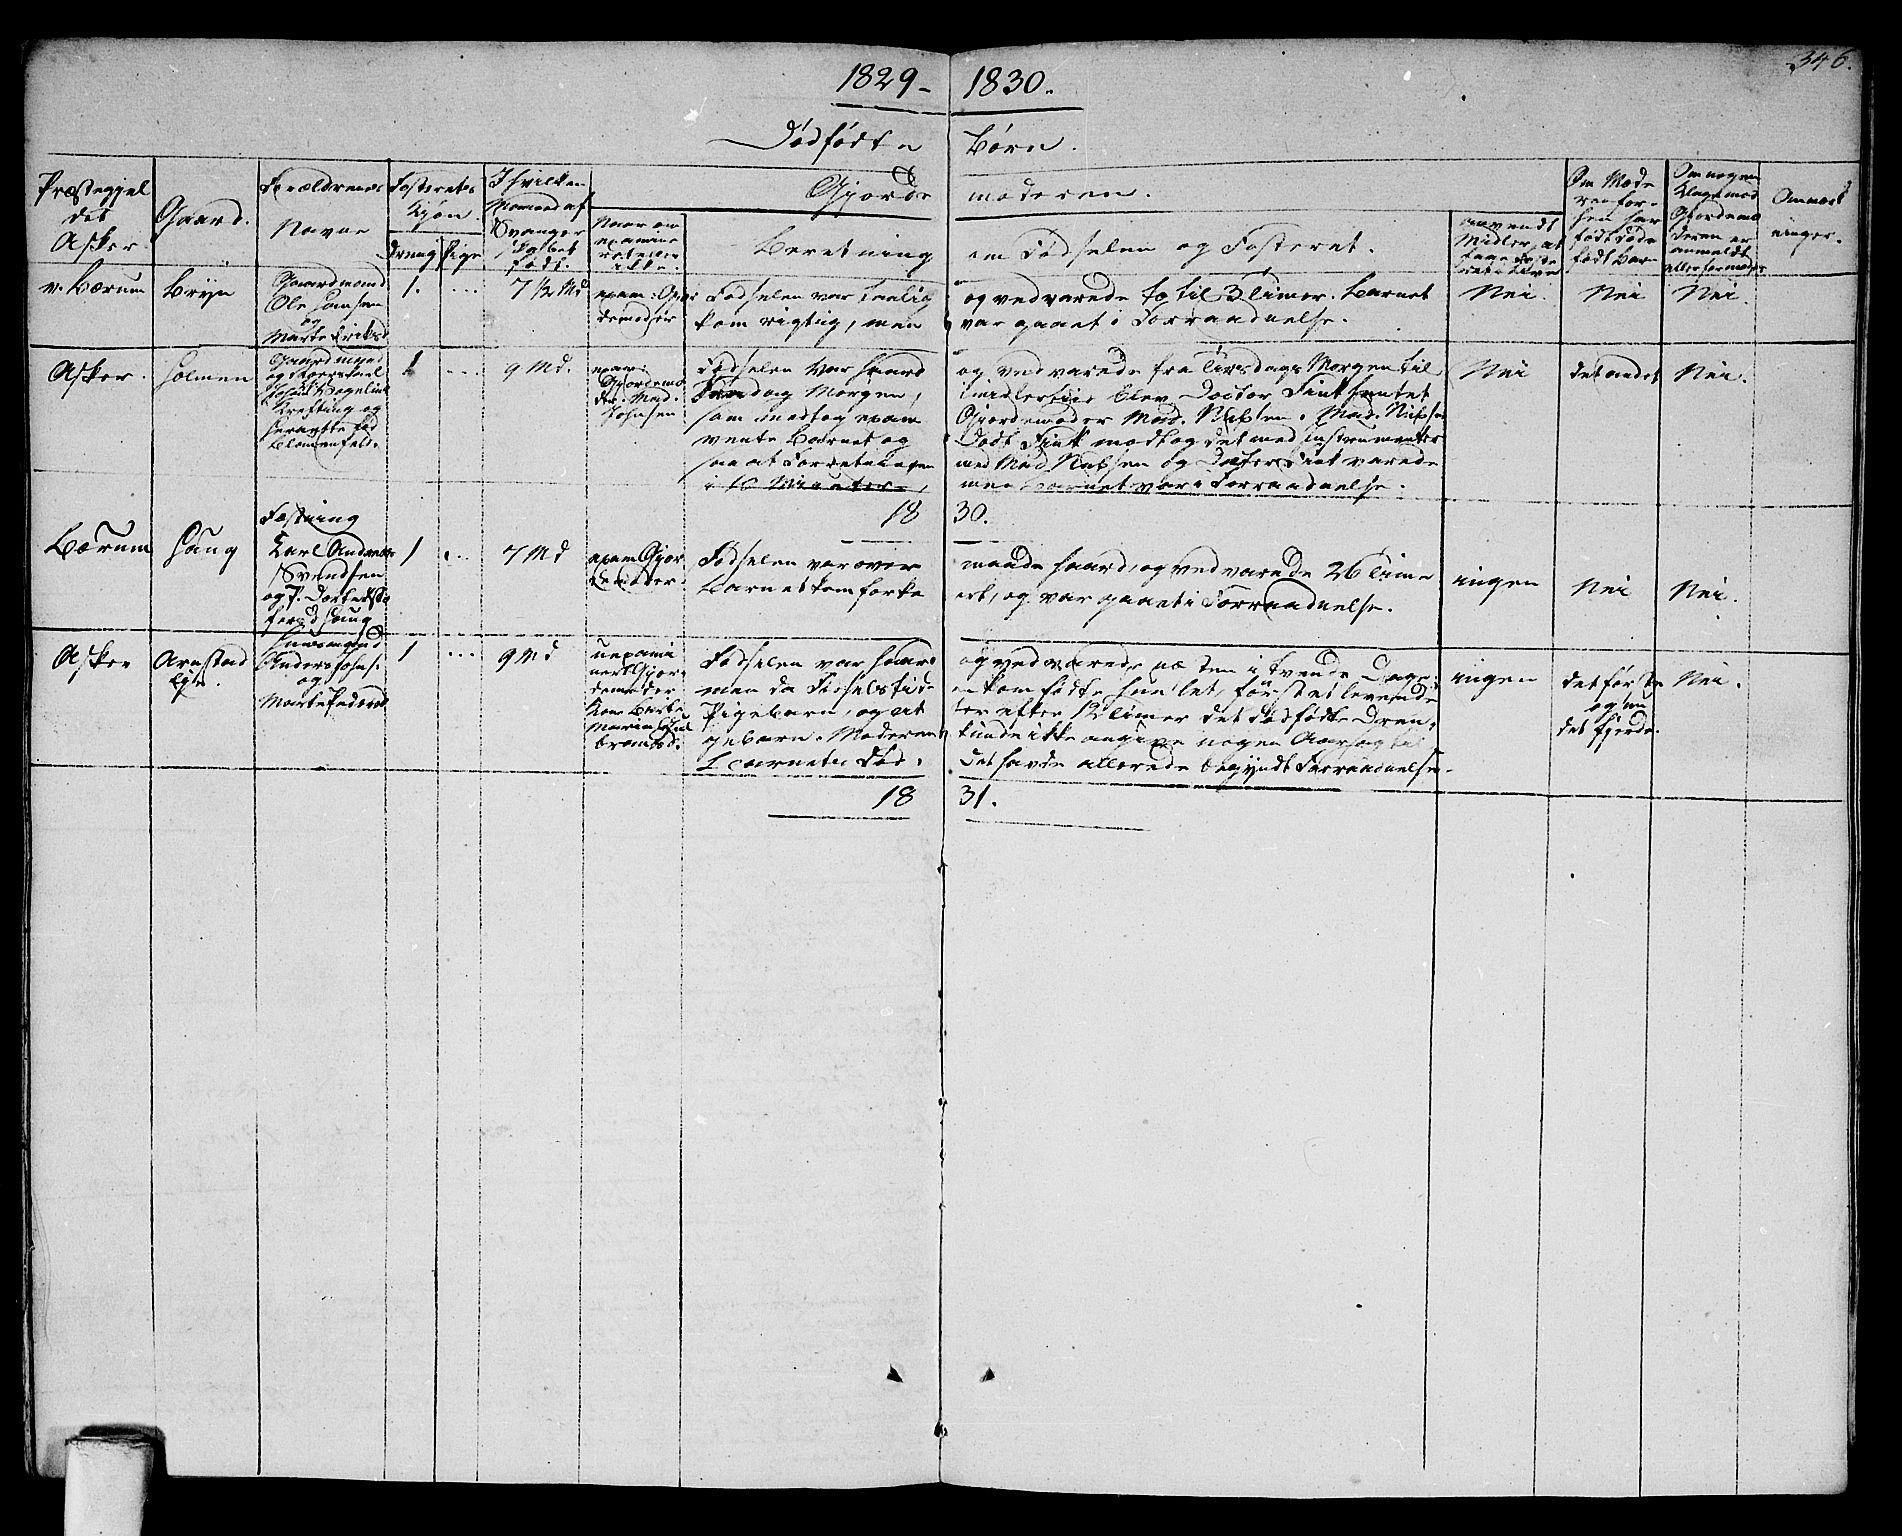 SAO, Asker prestekontor Kirkebøker, F/Fa/L0005: Ministerialbok nr. I 5, 1807-1813, s. 346